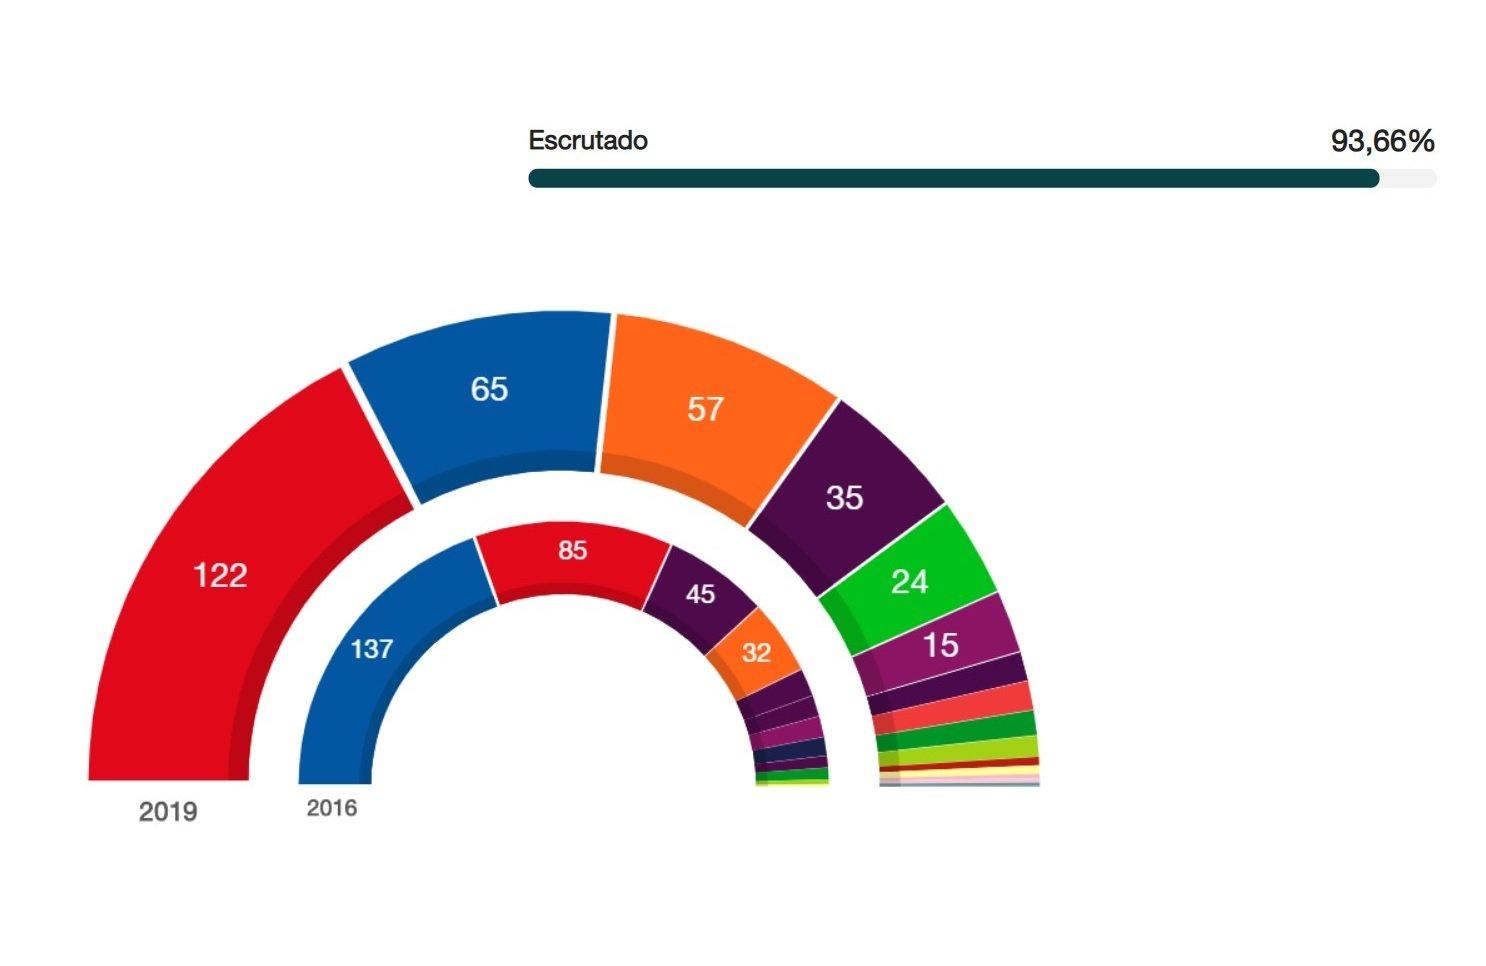 Sánchez podrá gobernar con Podemos y con ERC… y con mayoría en el Senado